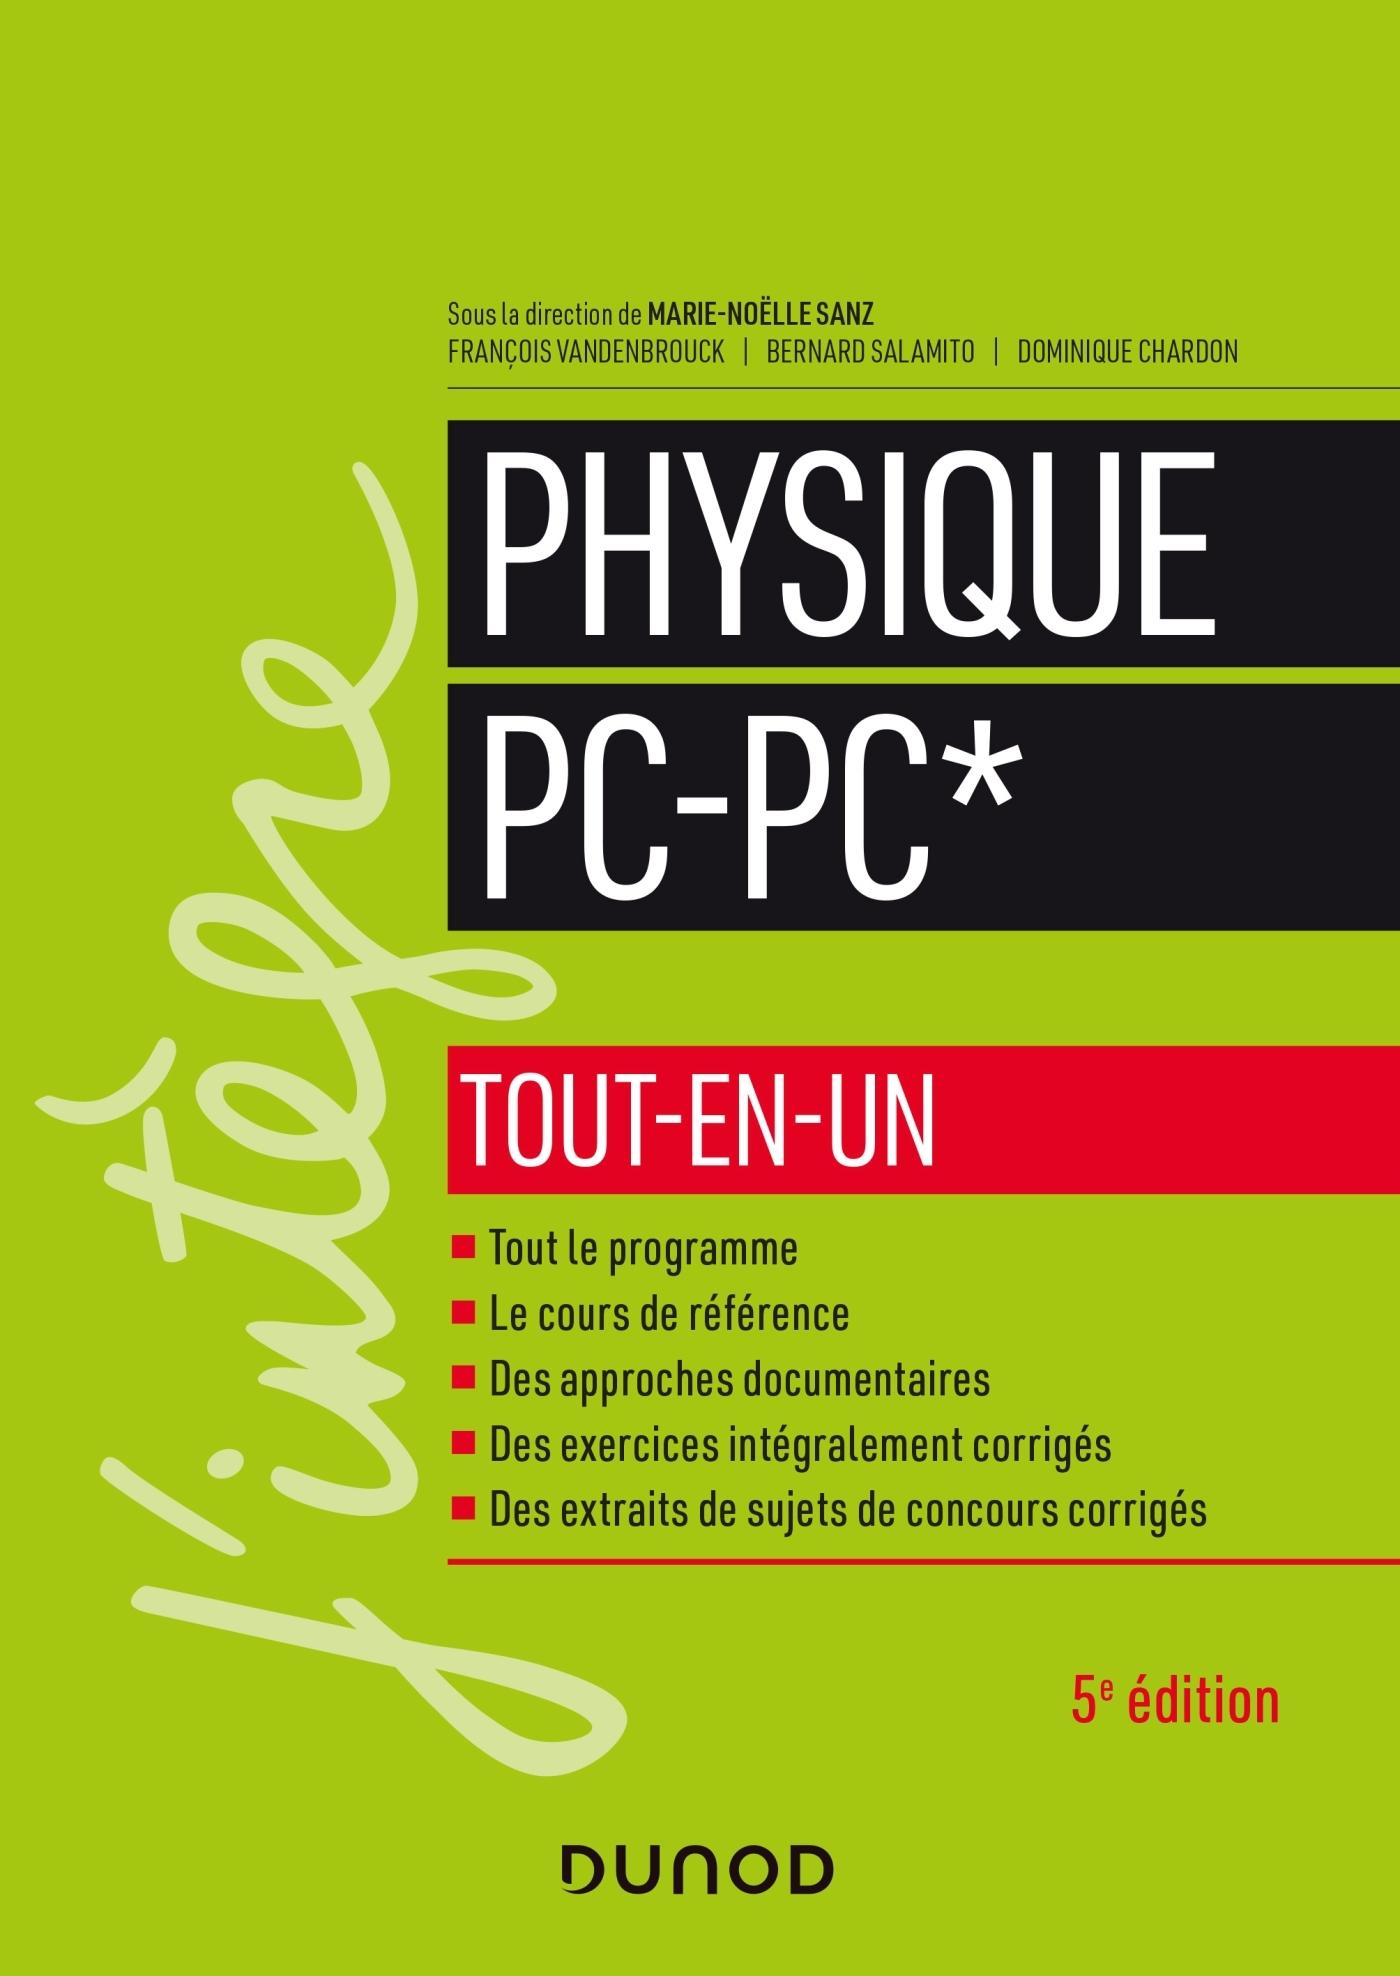 PHYSIQUE PC-PC* TOUT-EN-UN - 5E ED.